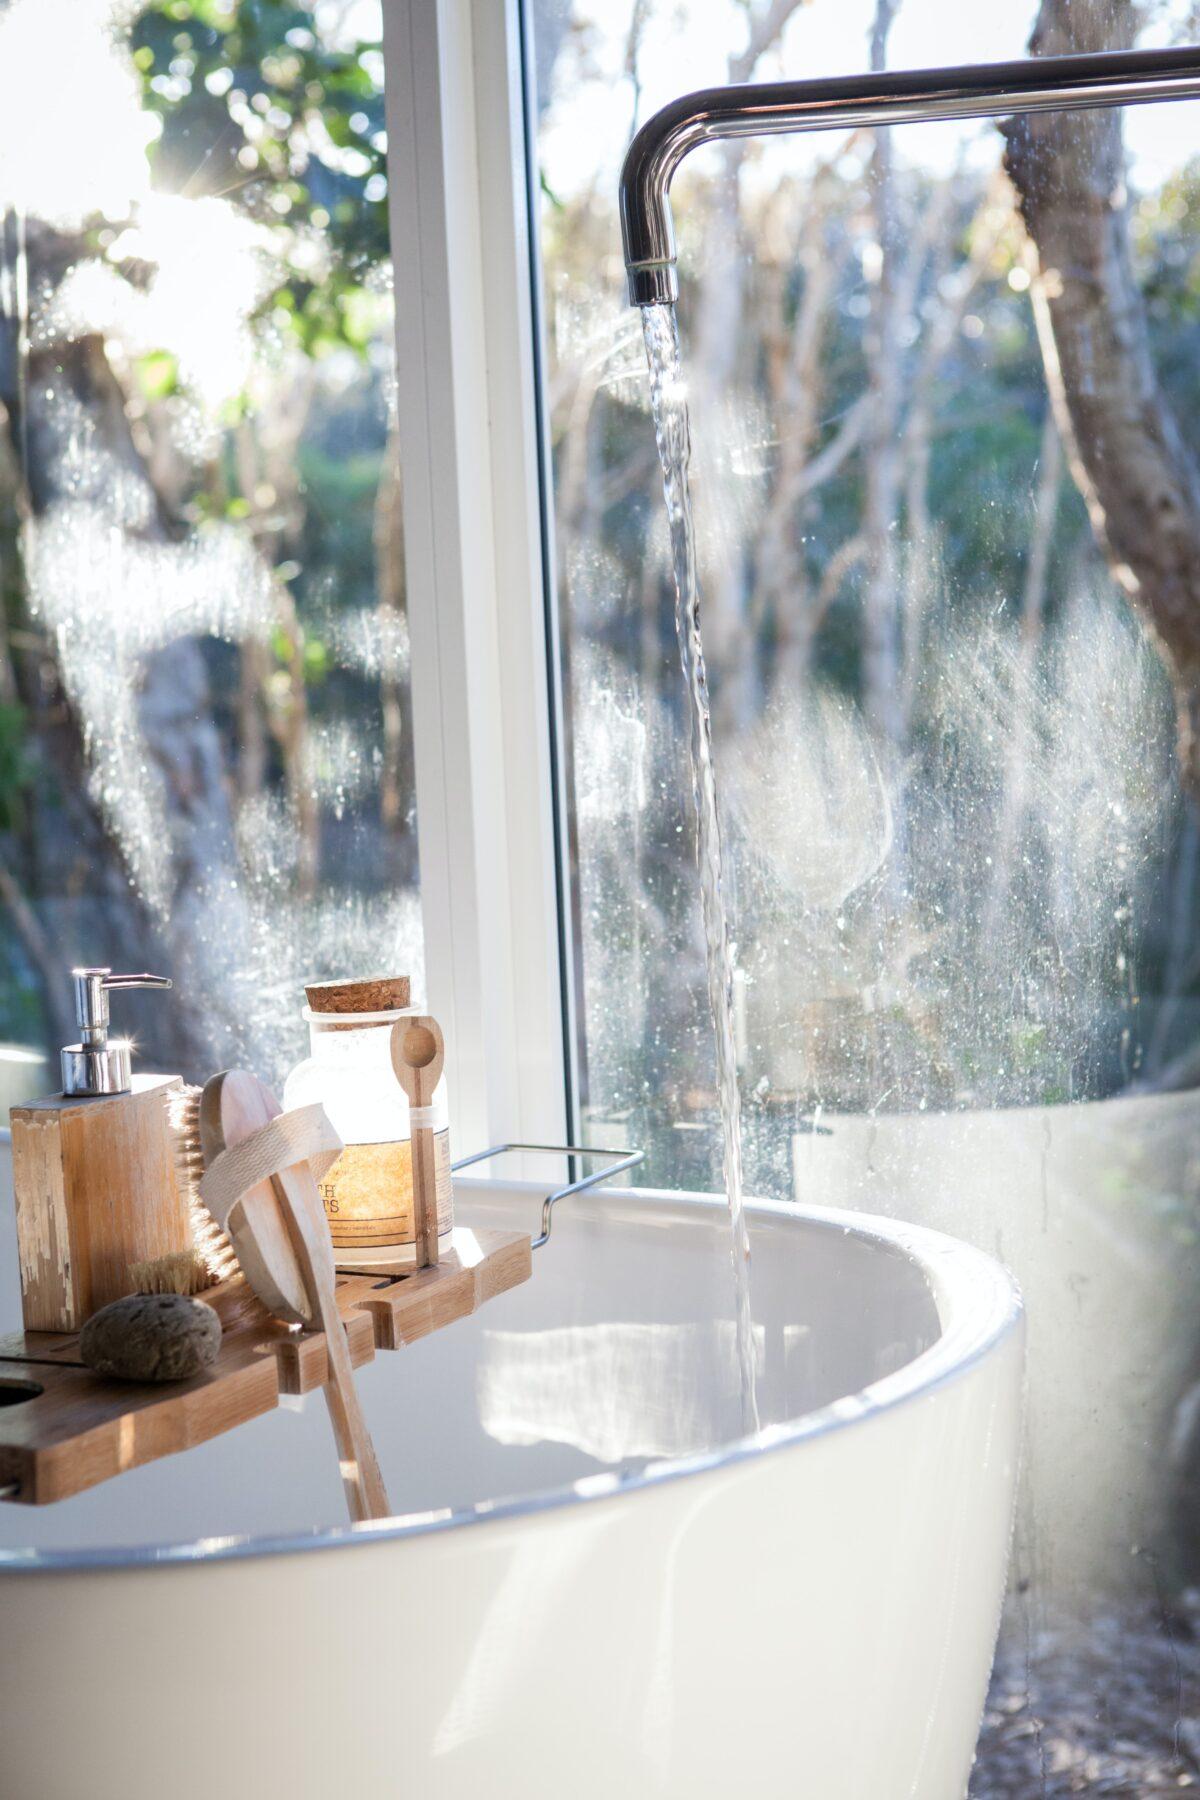 Bad, wat te doen tegen spierpijn